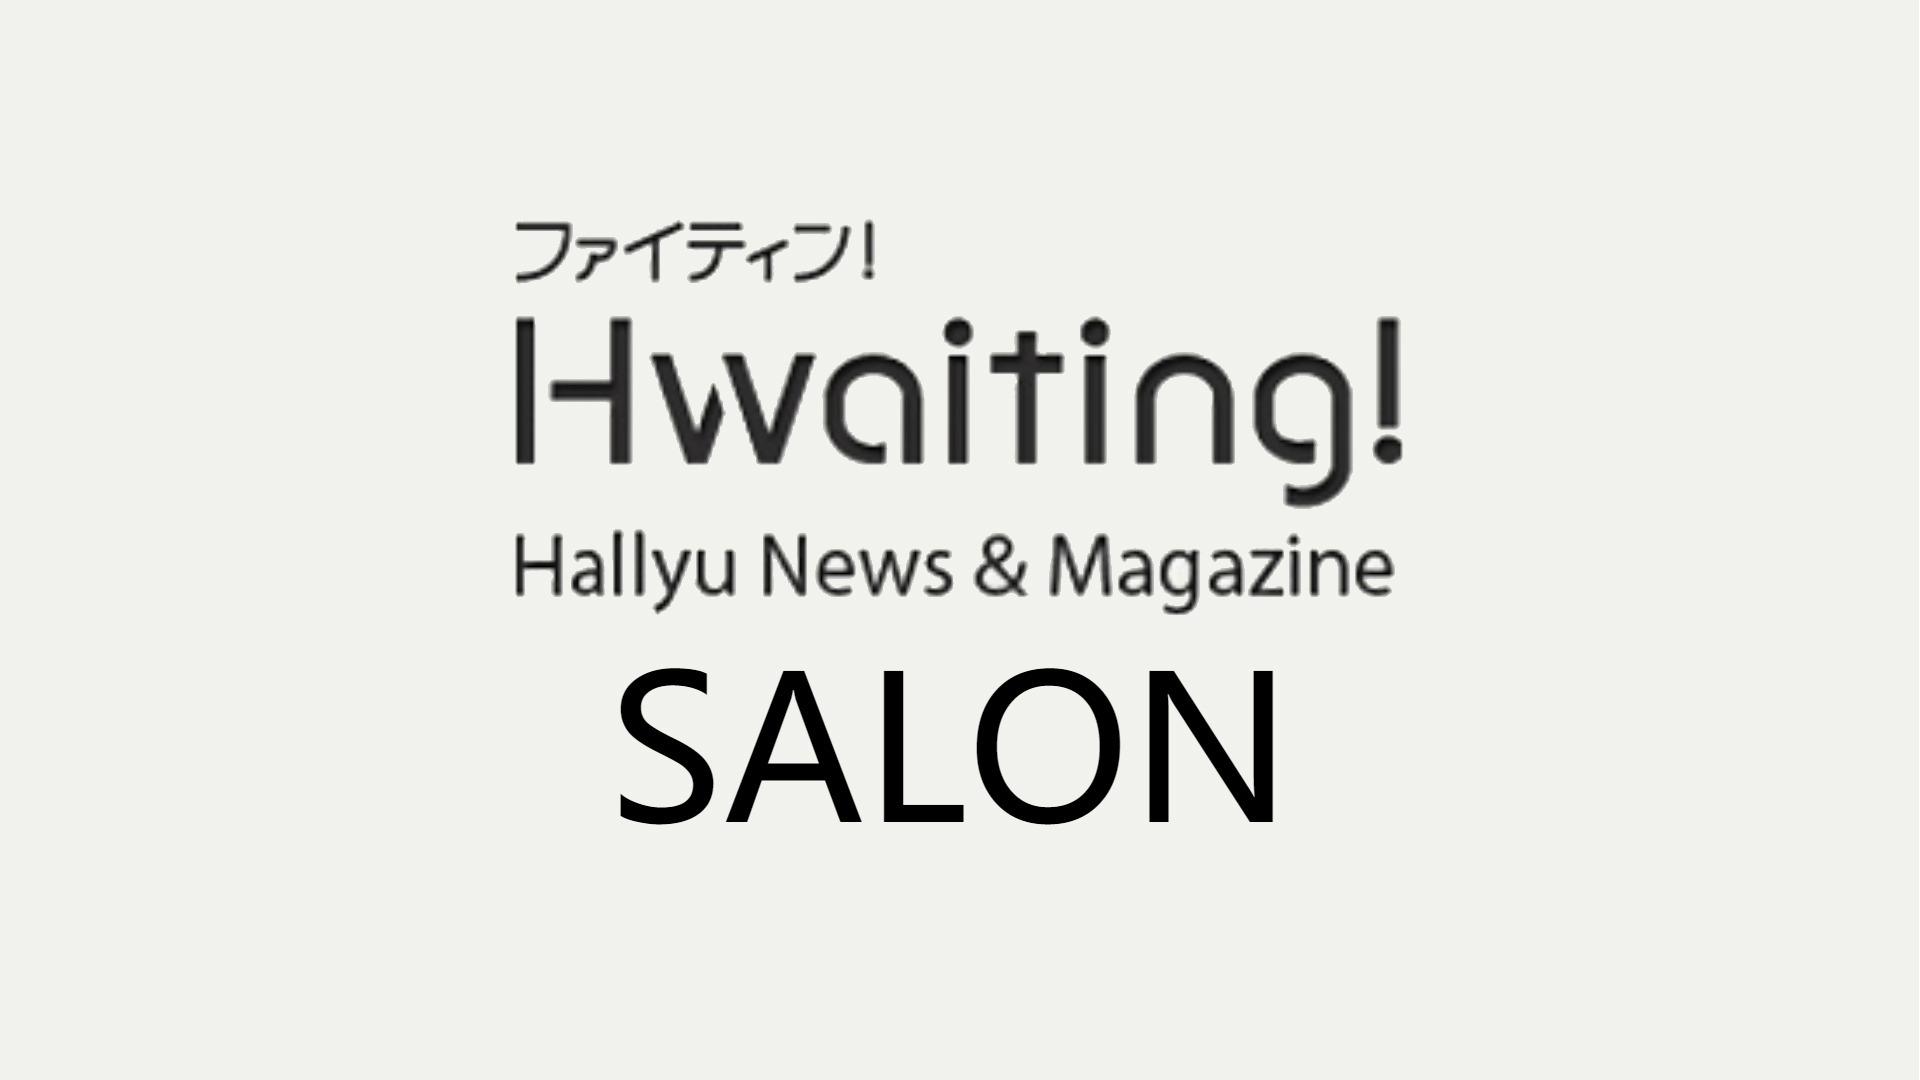 韓流エンタメマガジン Hwaiting! SALON